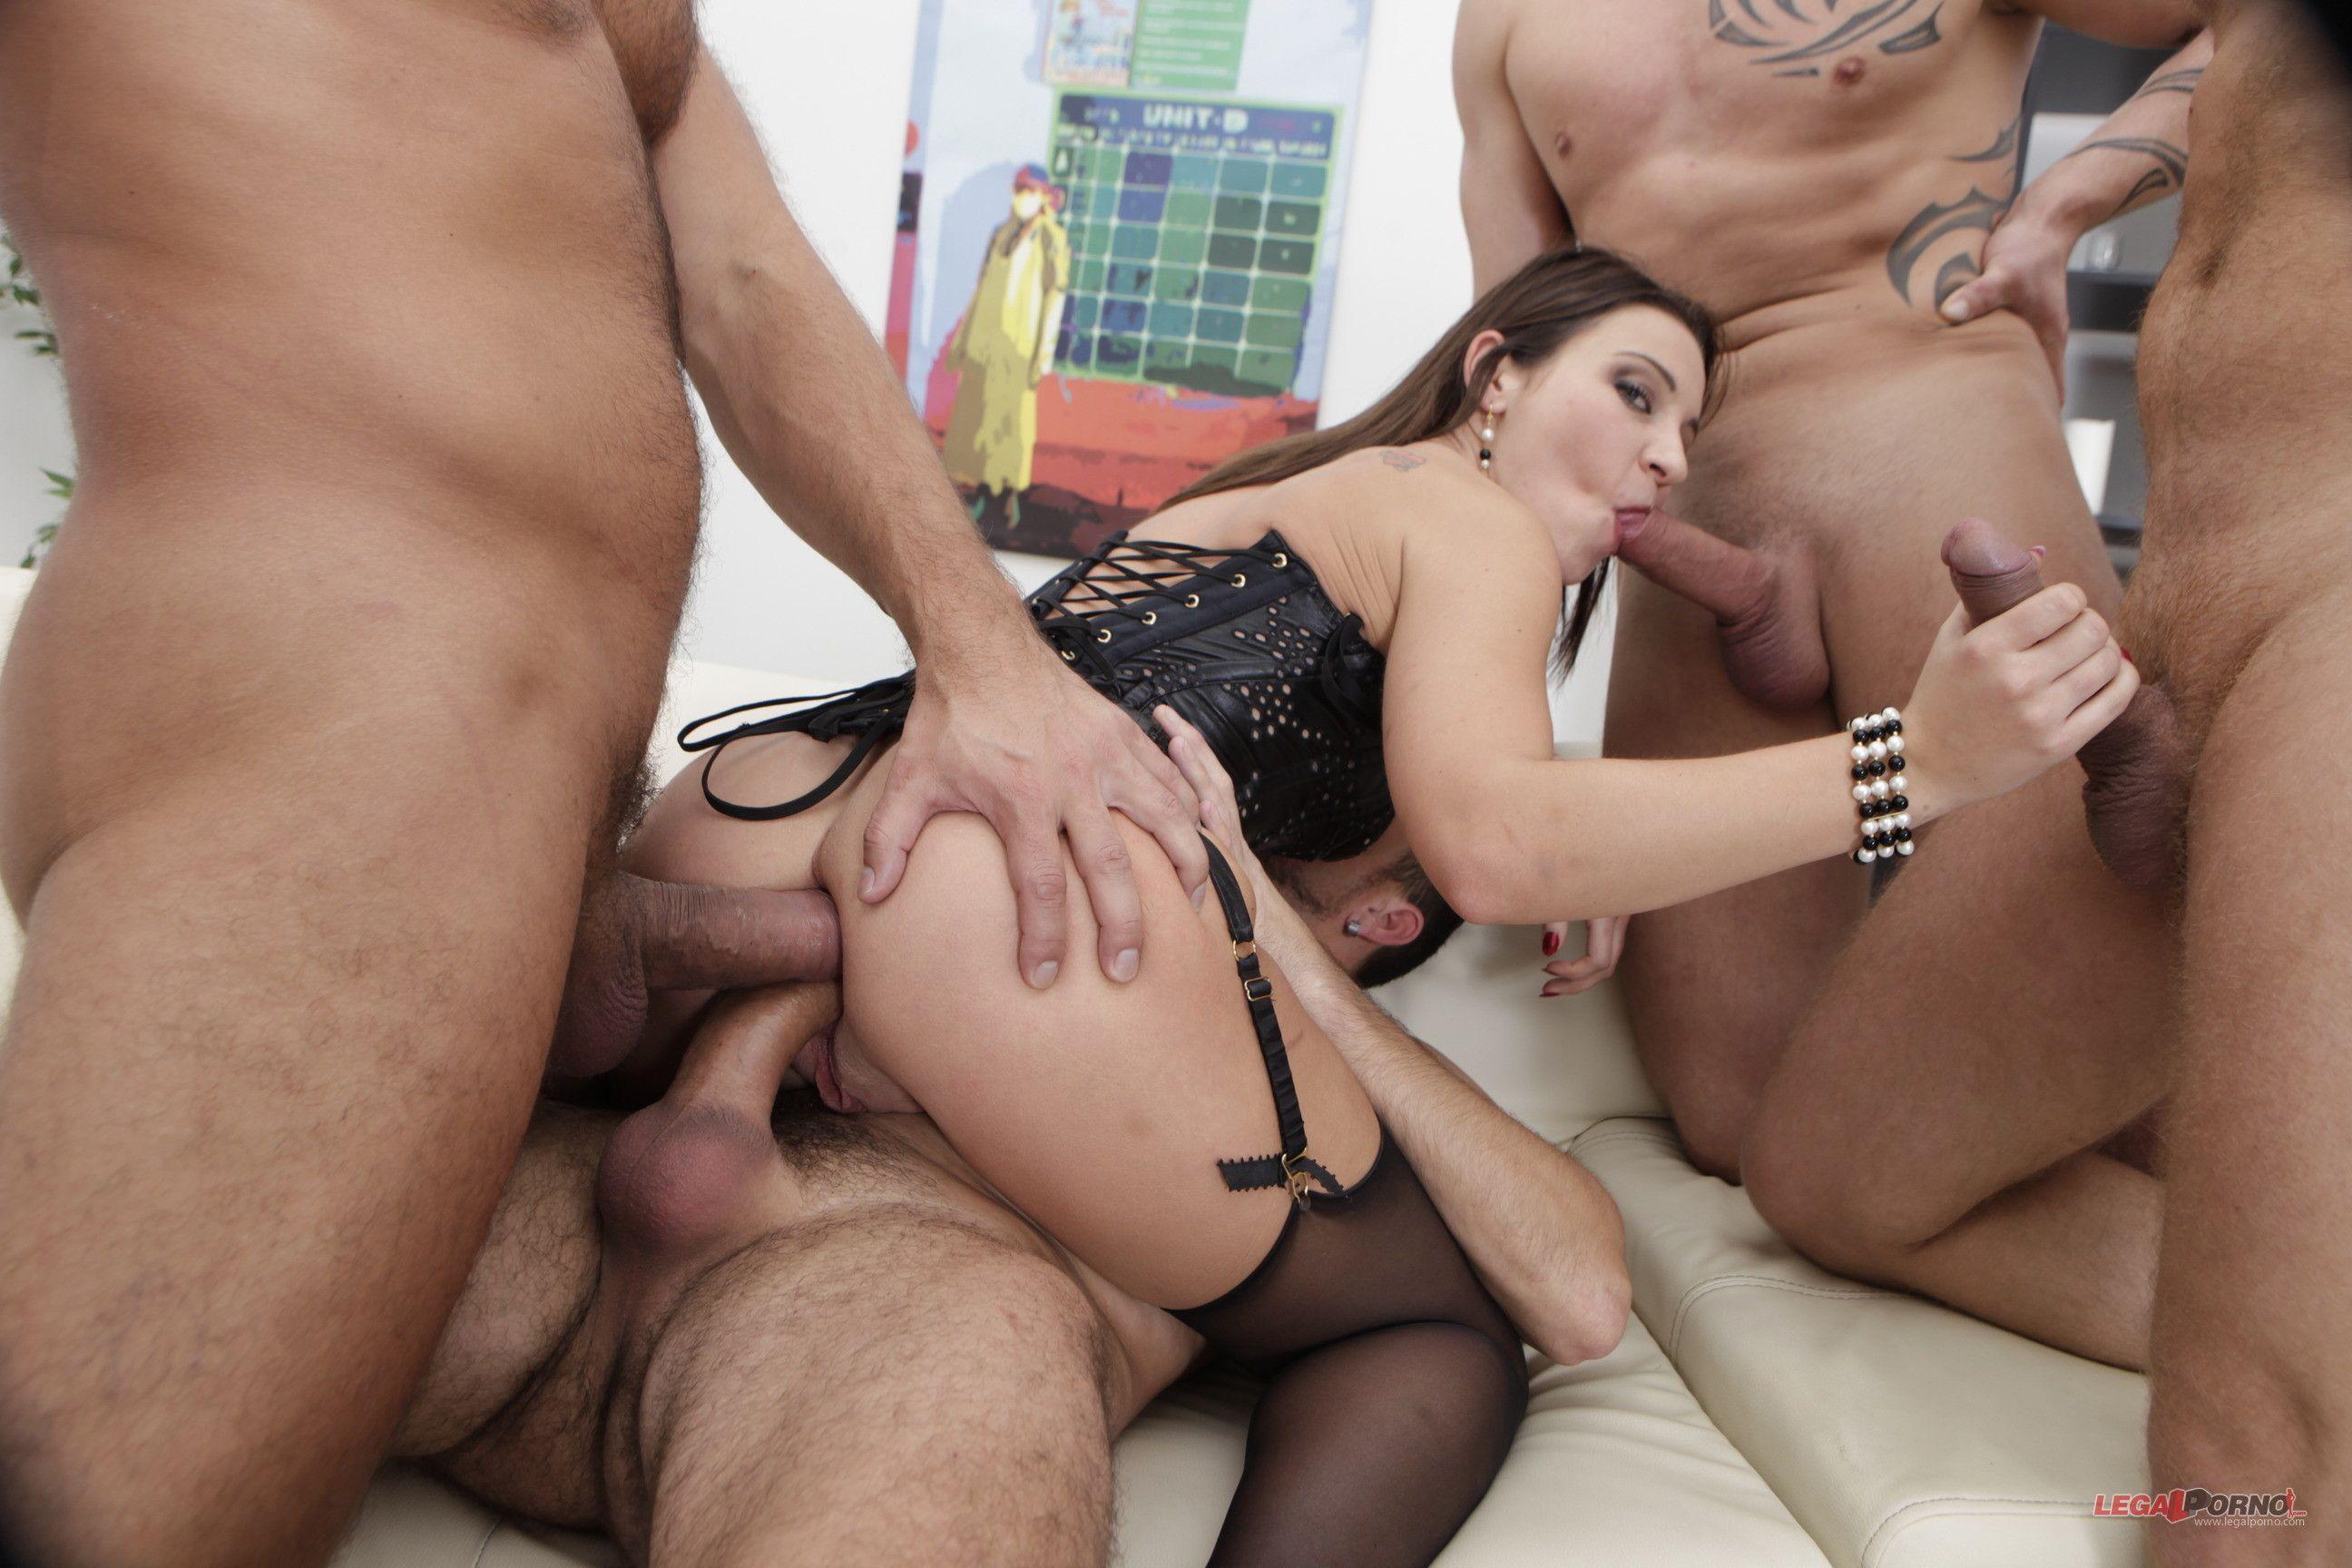 Amelia Cooke Naked penetration - hot naked pics